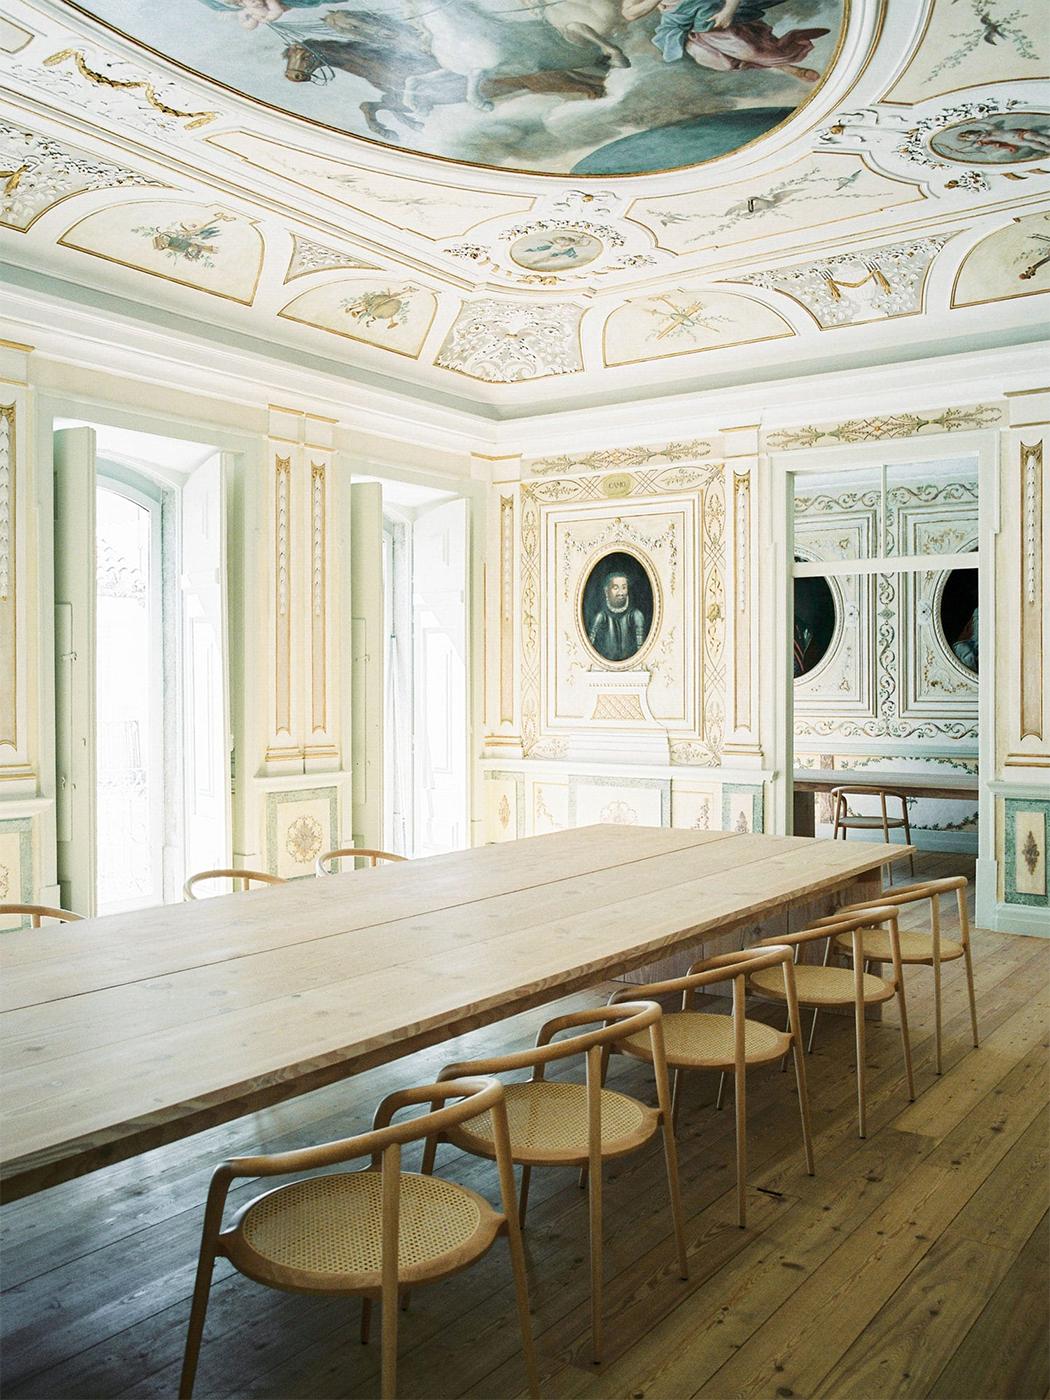 Atelier Cecílio De Sousa in Lisbon, Portugal 7.png